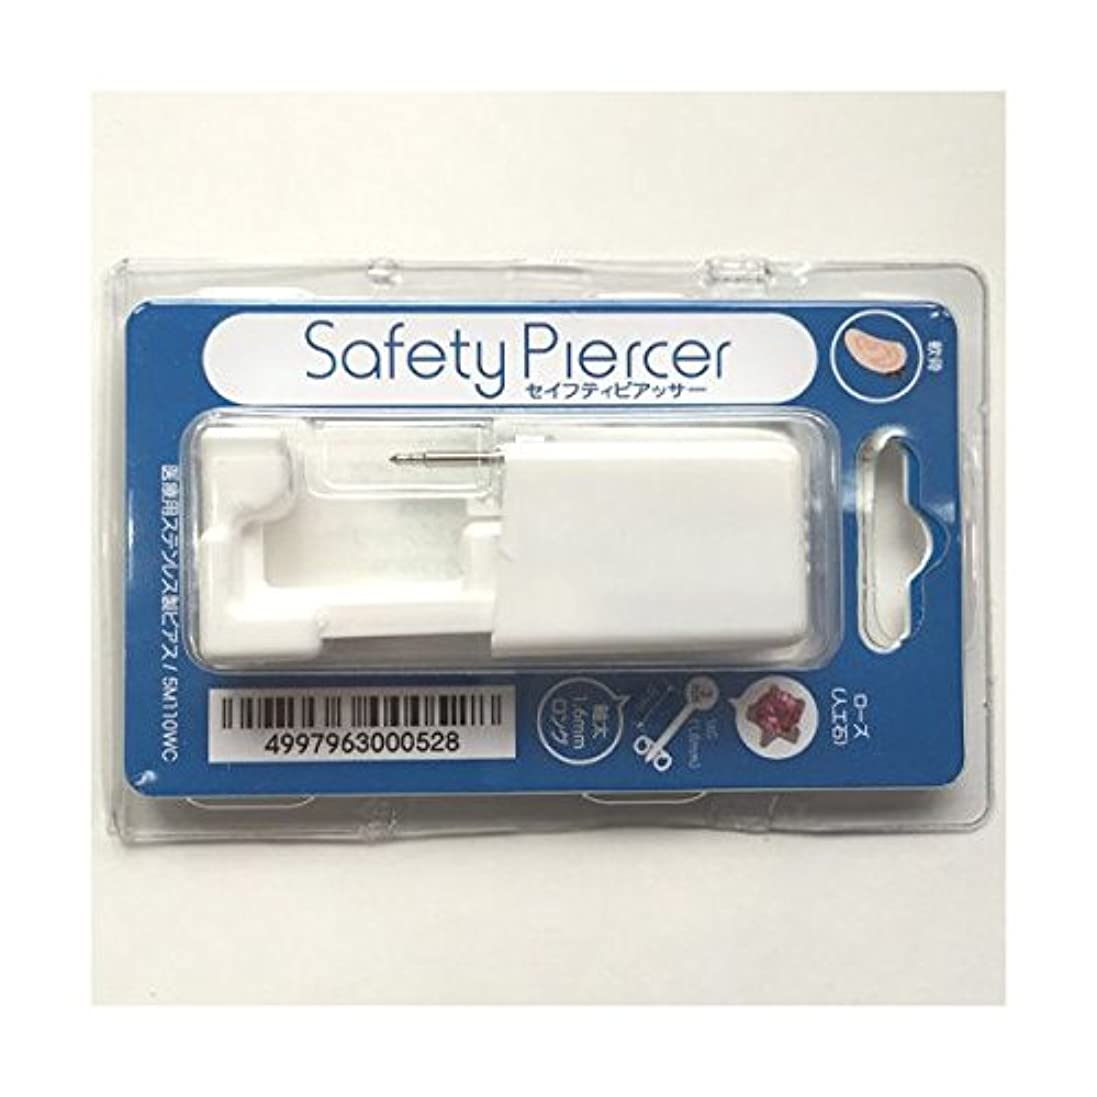 カスケード洗練された販売員セイフティピアッサー シルバー(医療用ステンレス) 3mm ローズ 軟骨用 5M110WC(正規品)